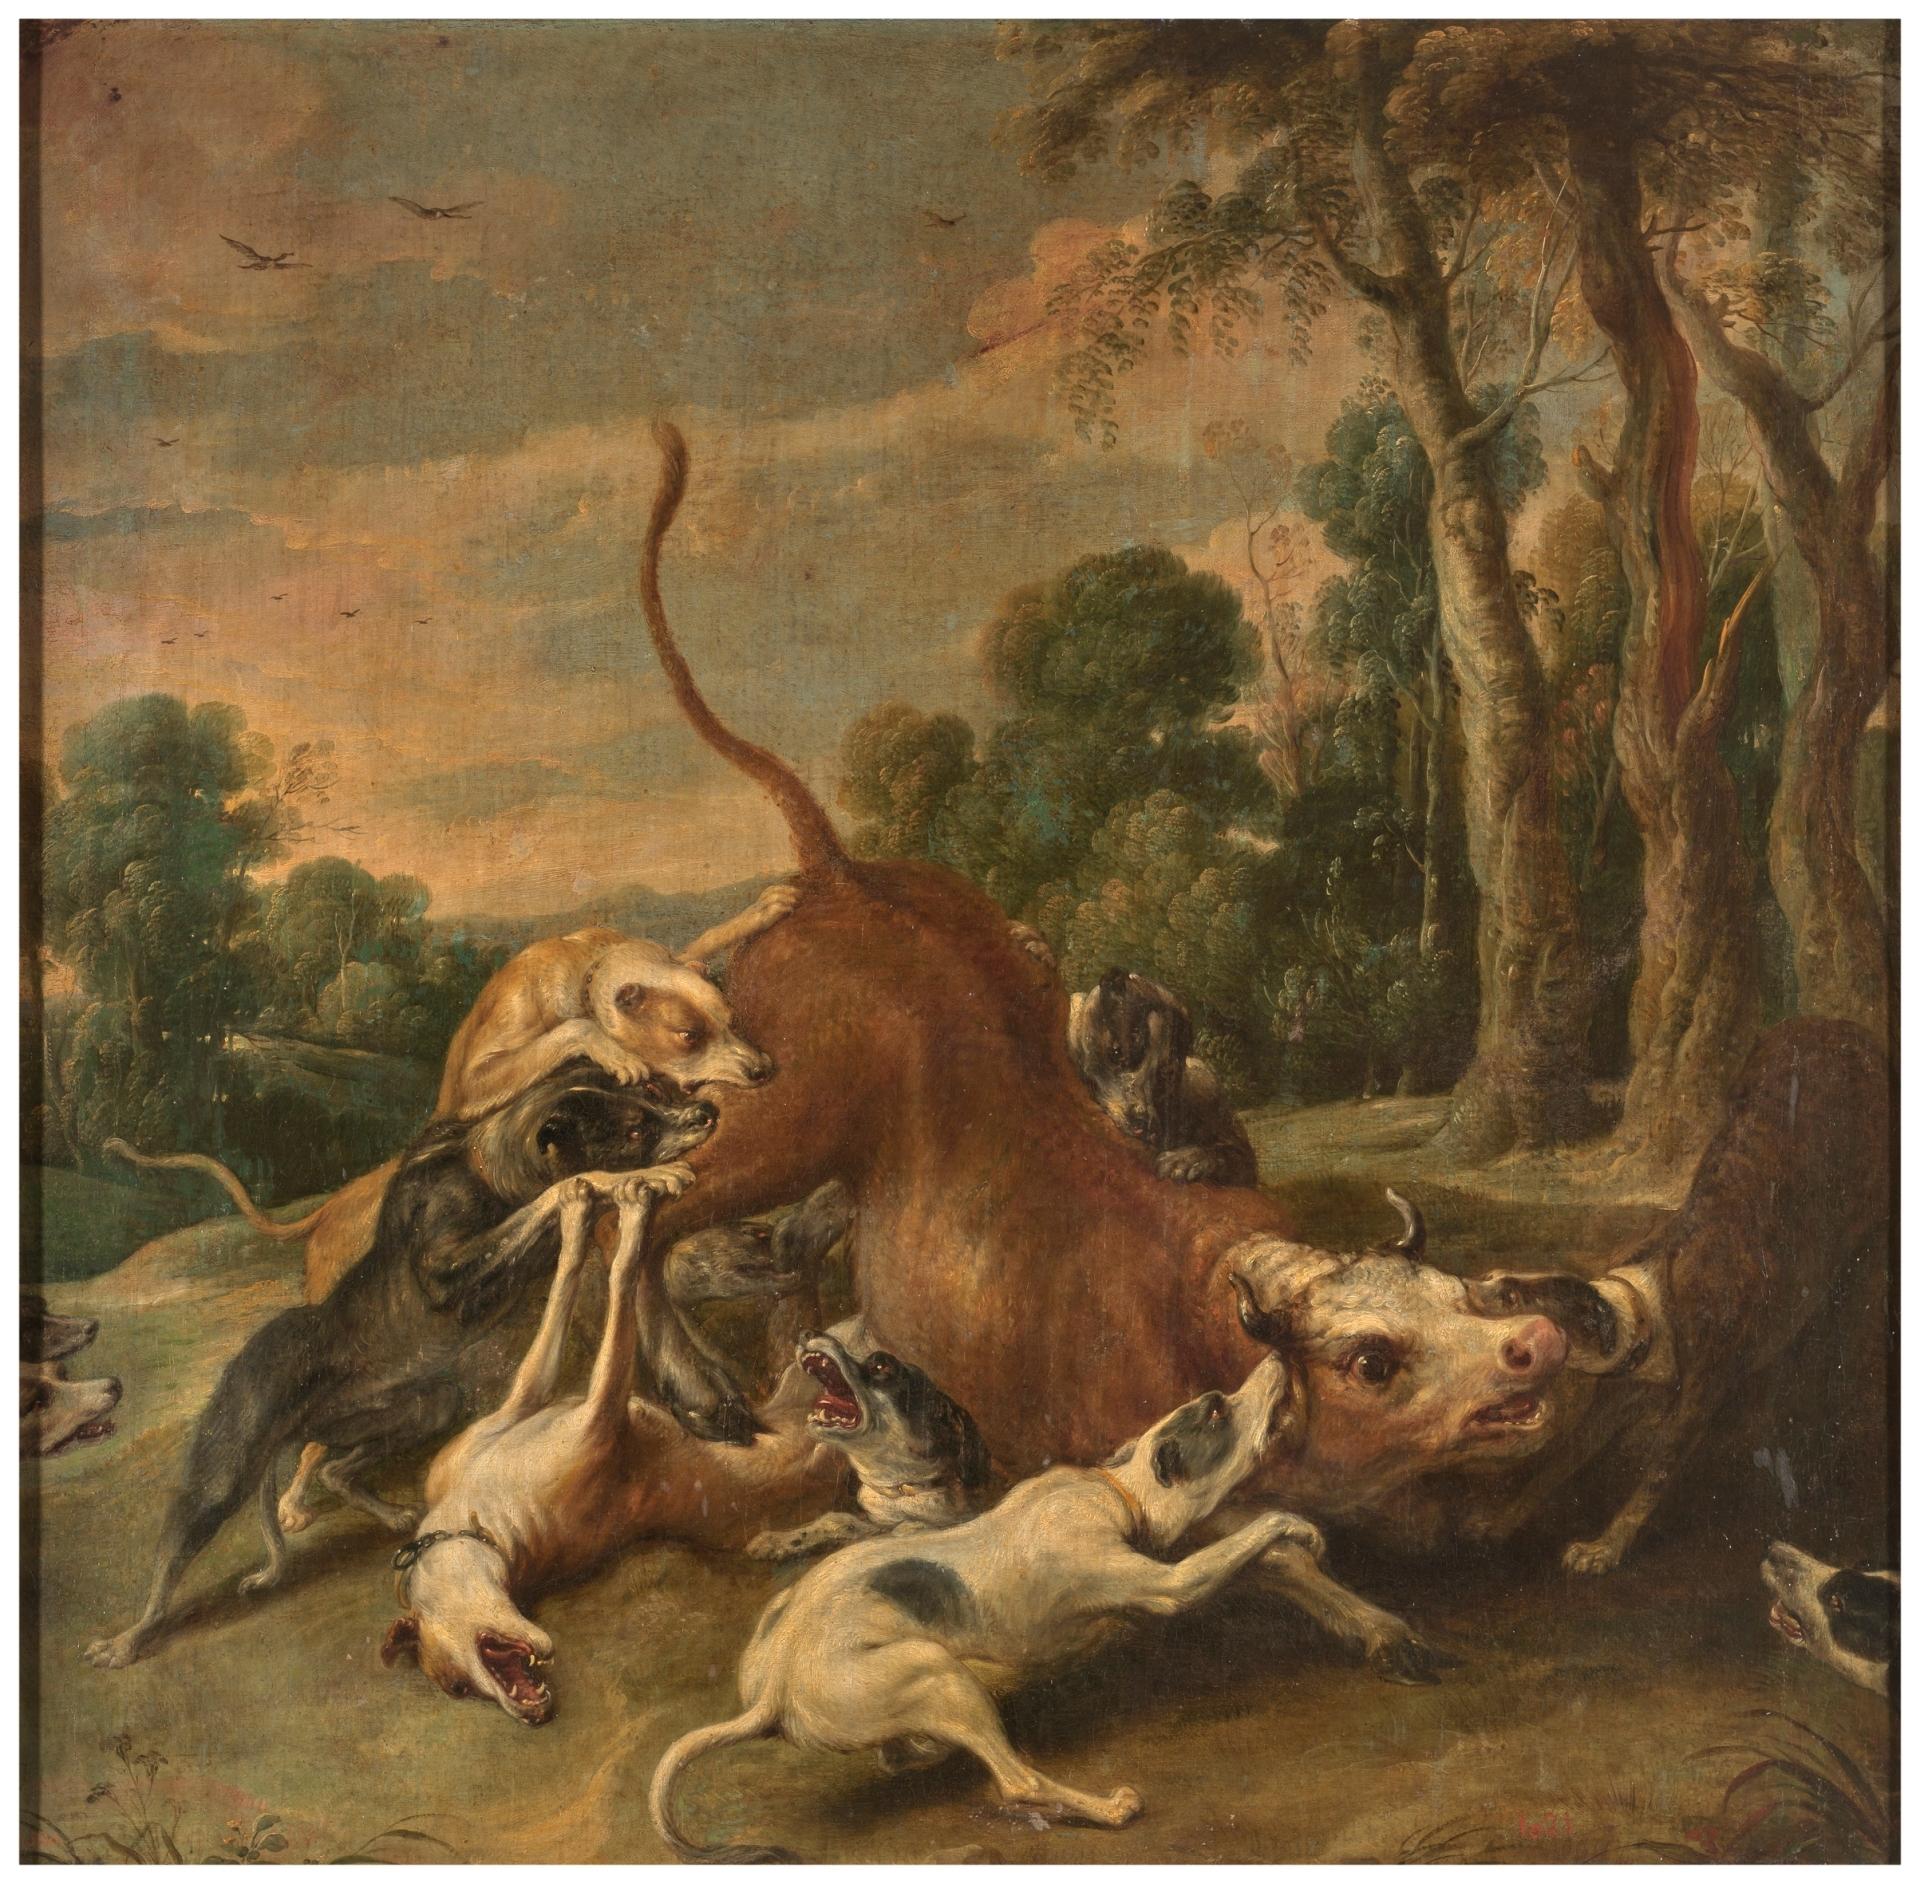 Caza de ciervos - Colección - Museo Nacional del Prado